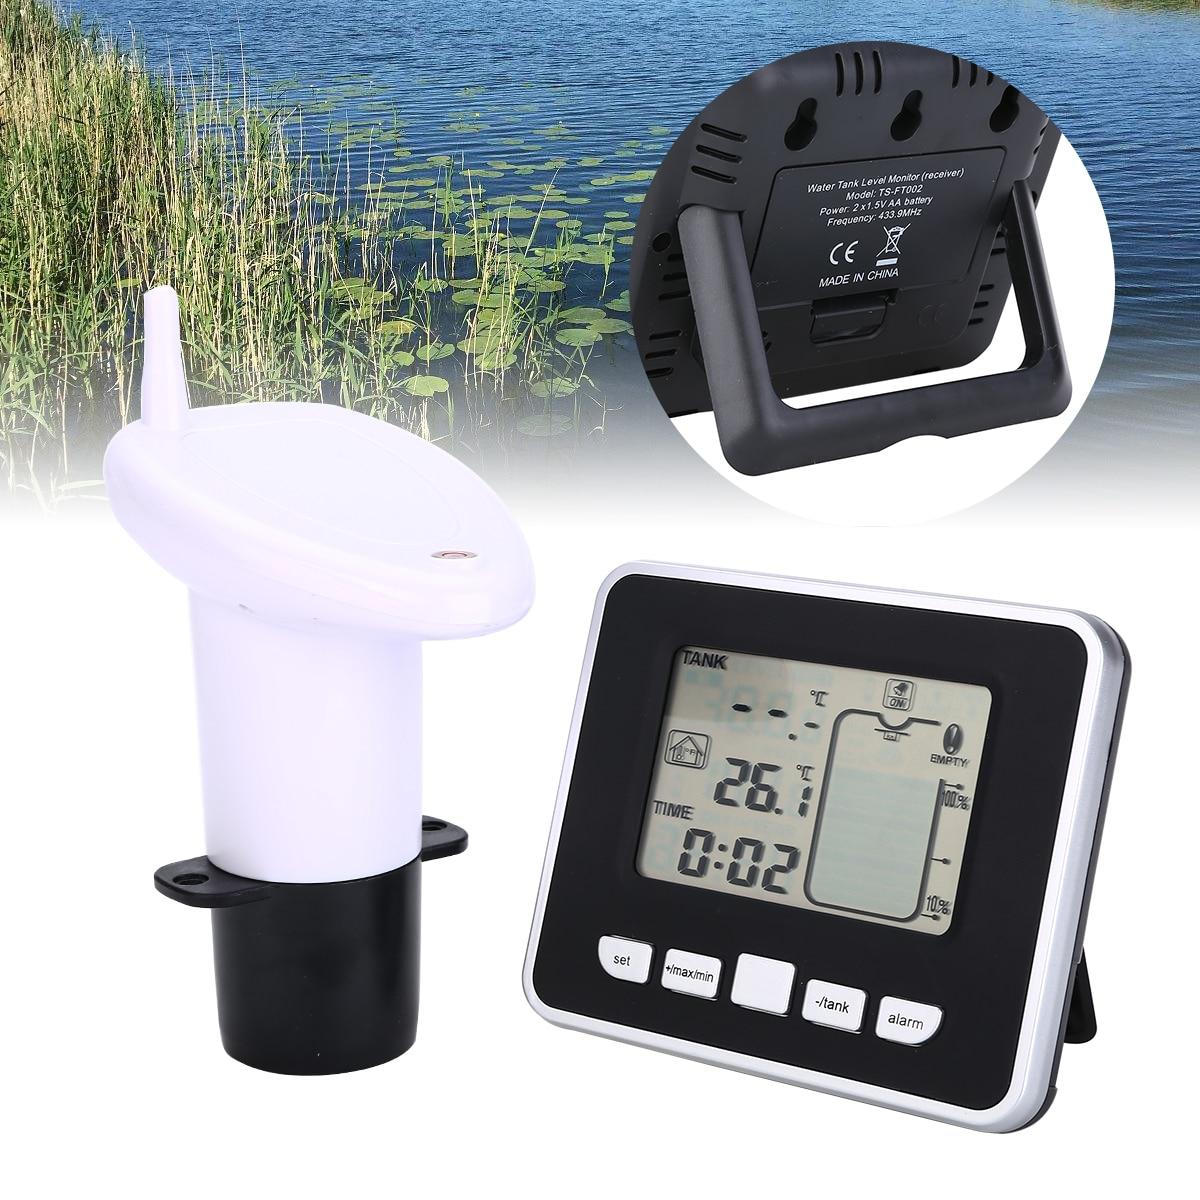 Capteur de température à ultrasons pour réservoir d'eau capteur de température batterie faible indicateur de profondeur de liquide transmetteur d'alarme de temps outils de mesure